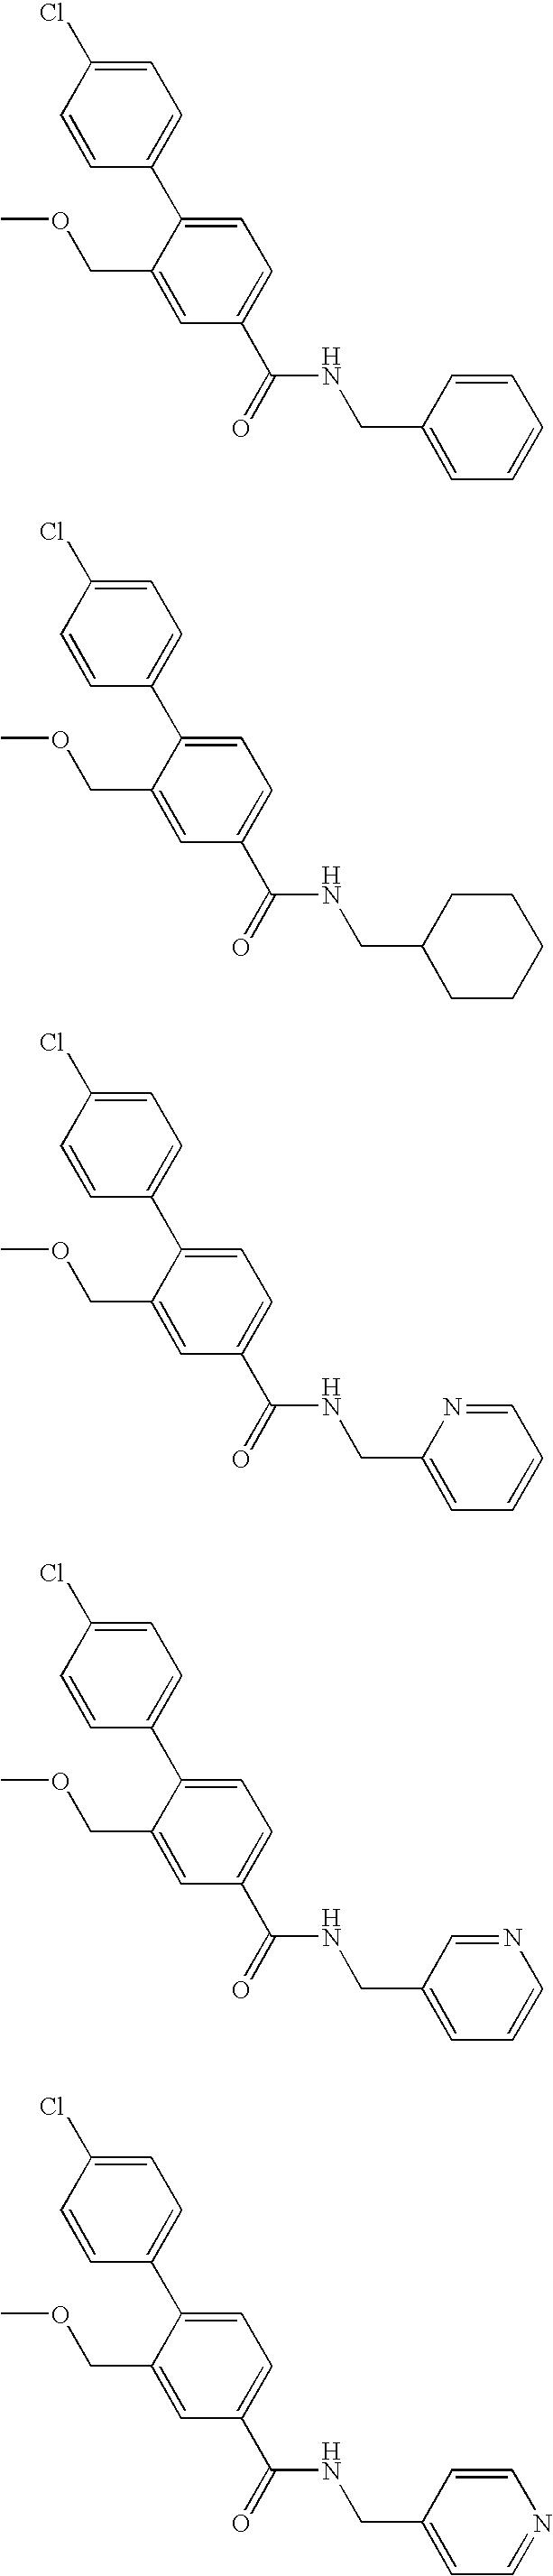 Figure US20070049593A1-20070301-C00231